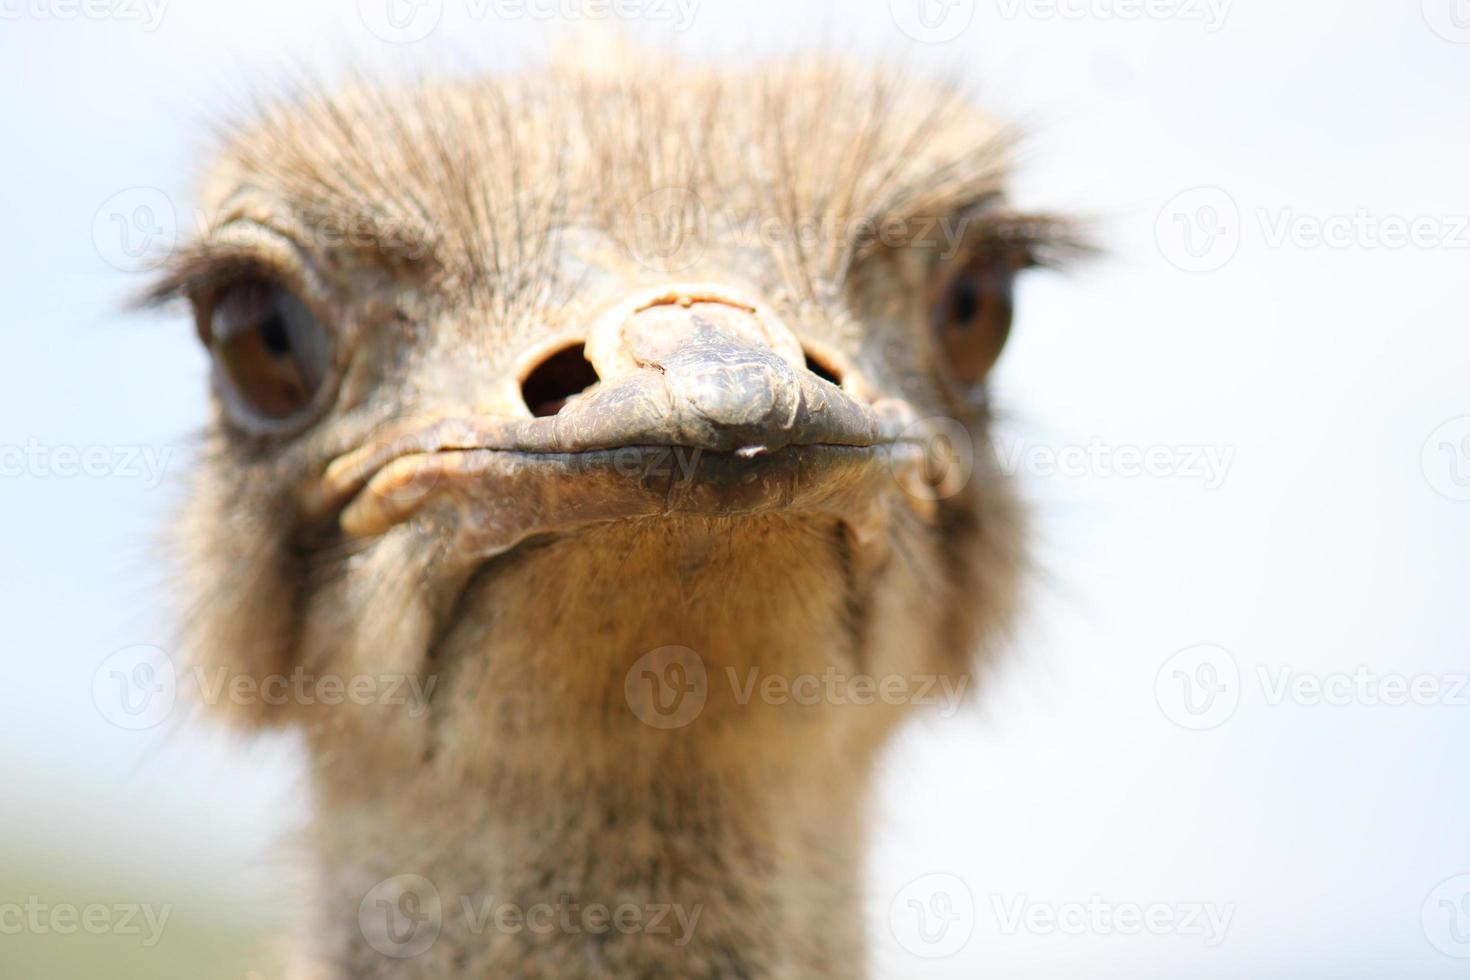 tiro na cabeça close-up de um avestruz foto